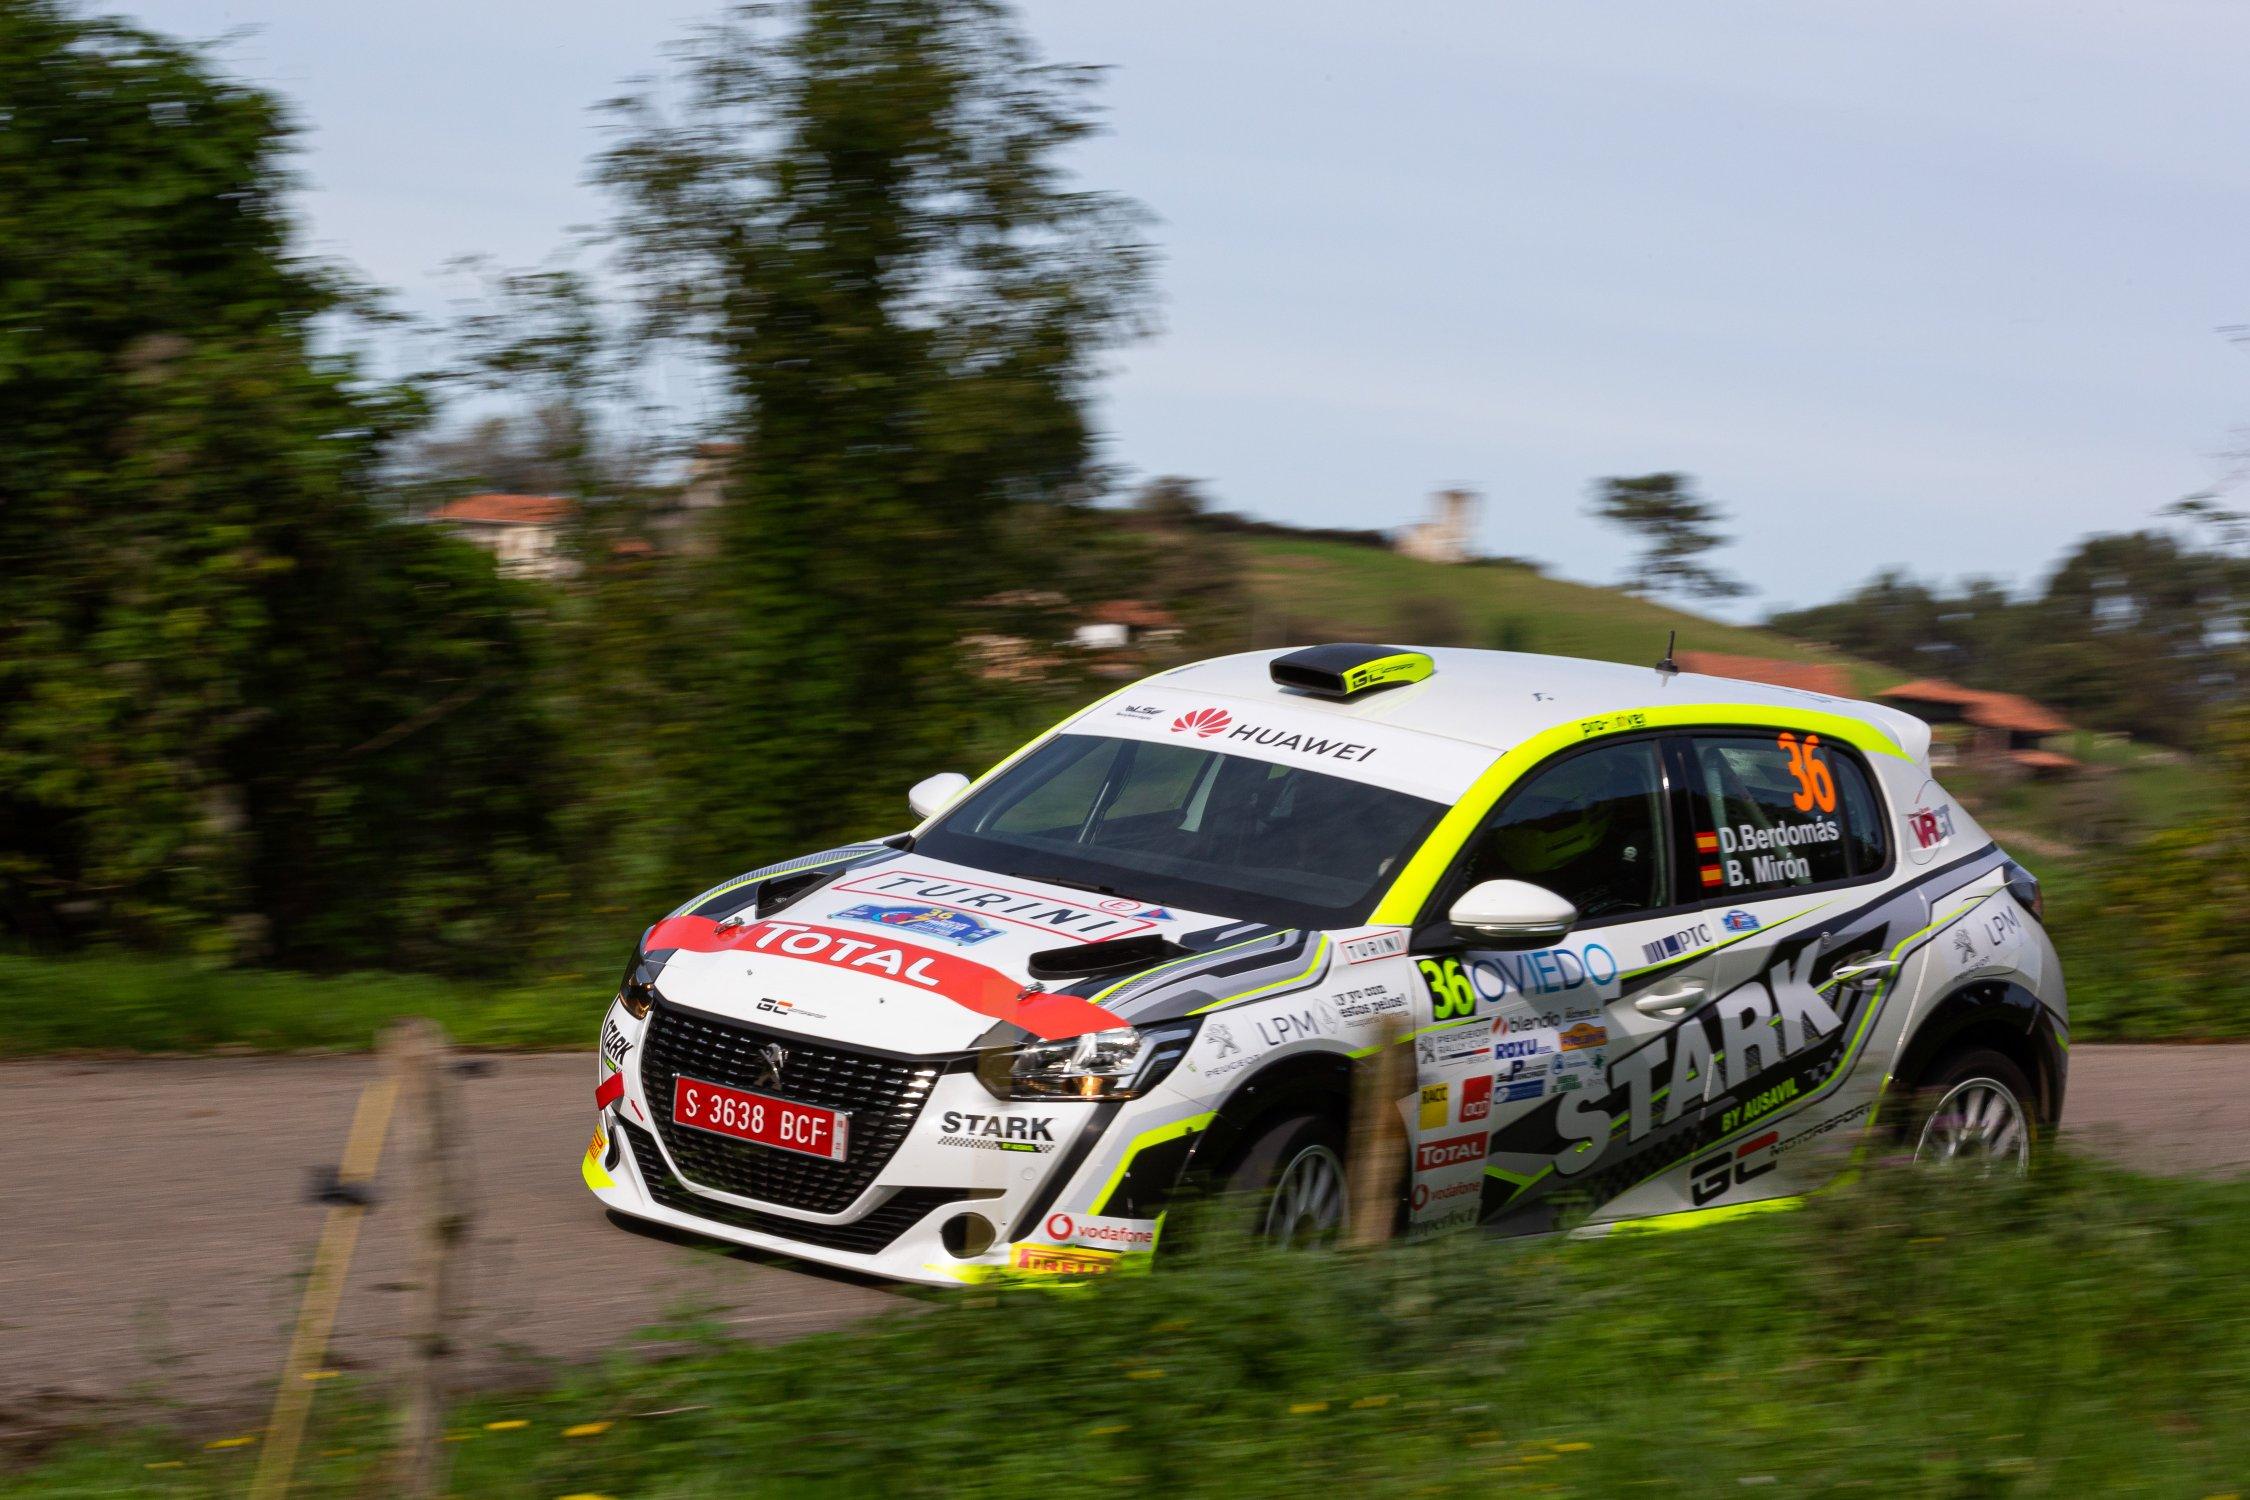 CERA + ERT: 57º Rallye Princesa de Asturias - Ciudad de Oviedo [23-24 Octubre] - Página 4 ElGykJEXIAE7M3w?format=jpg&name=4096x4096